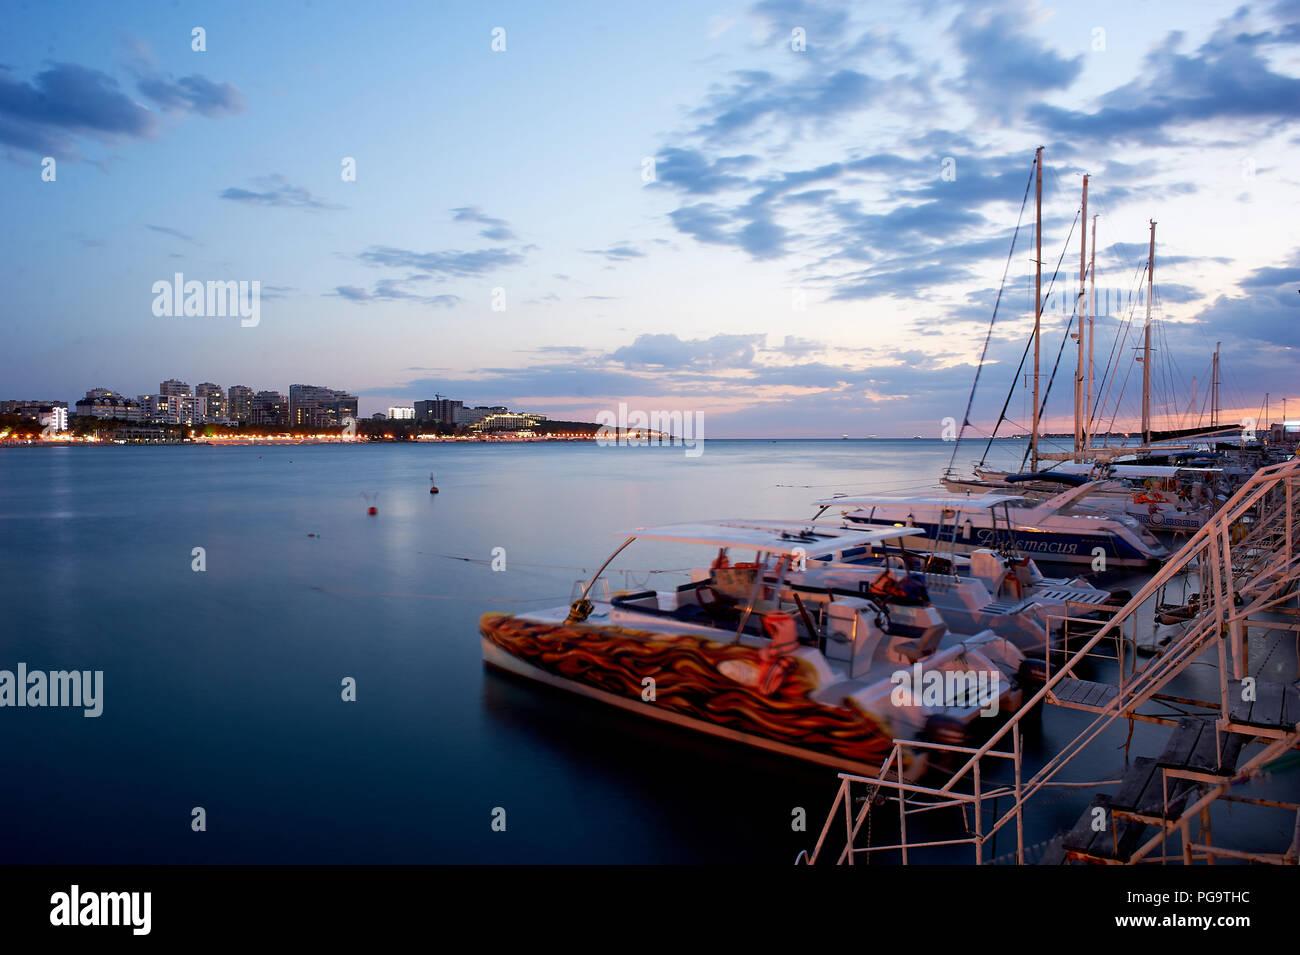 Gelendschik, Russland - 29 Jun 2018: Kai, Pier mit Boote und Boote. Nacht die Stadt und das Meer Stockbild